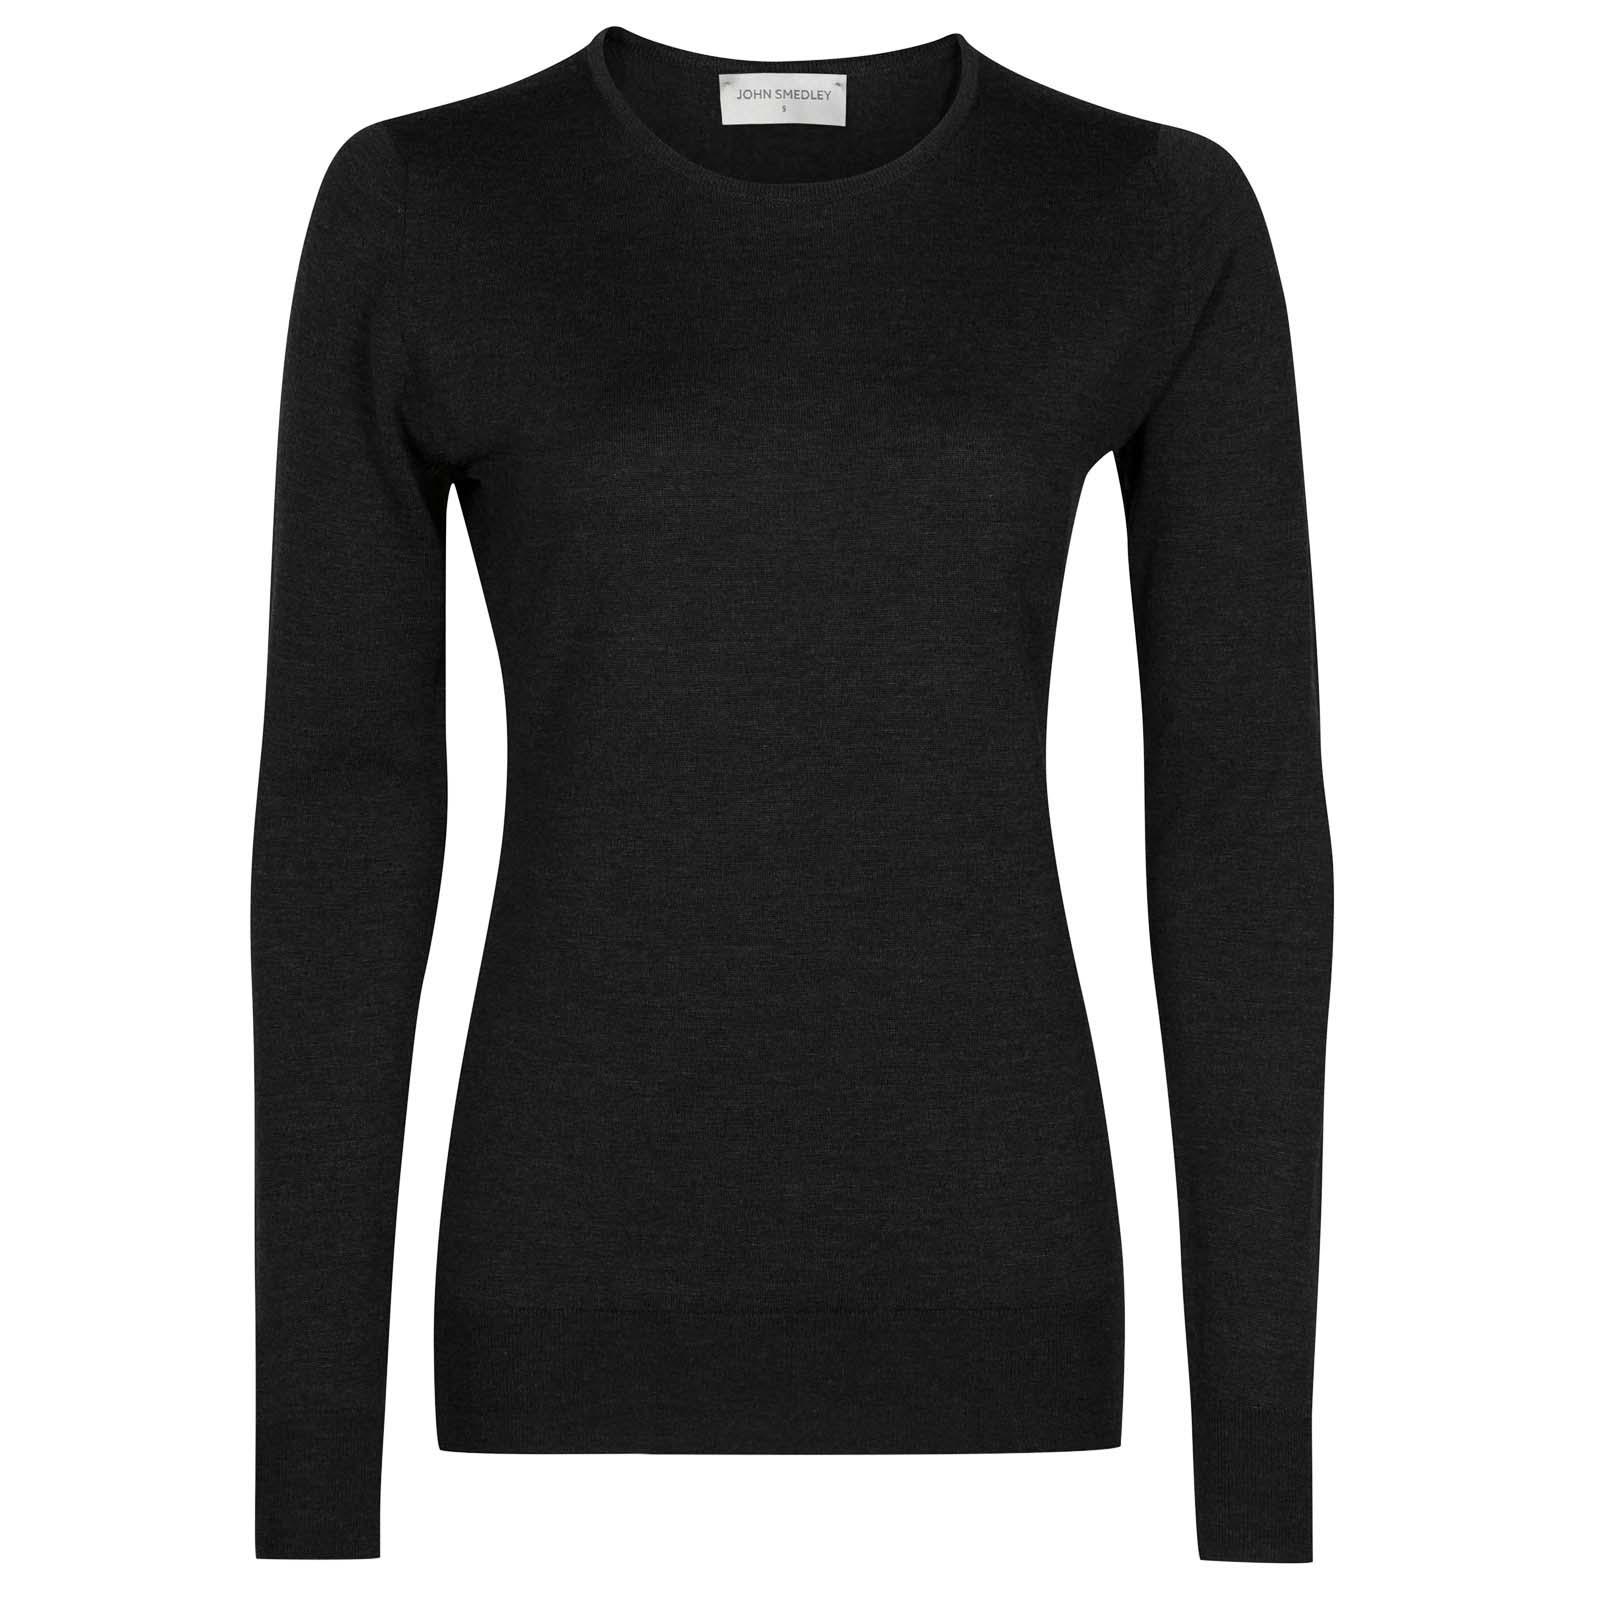 John Smedley geranium Merino Wool Sweater in Hepburn Smoke-M